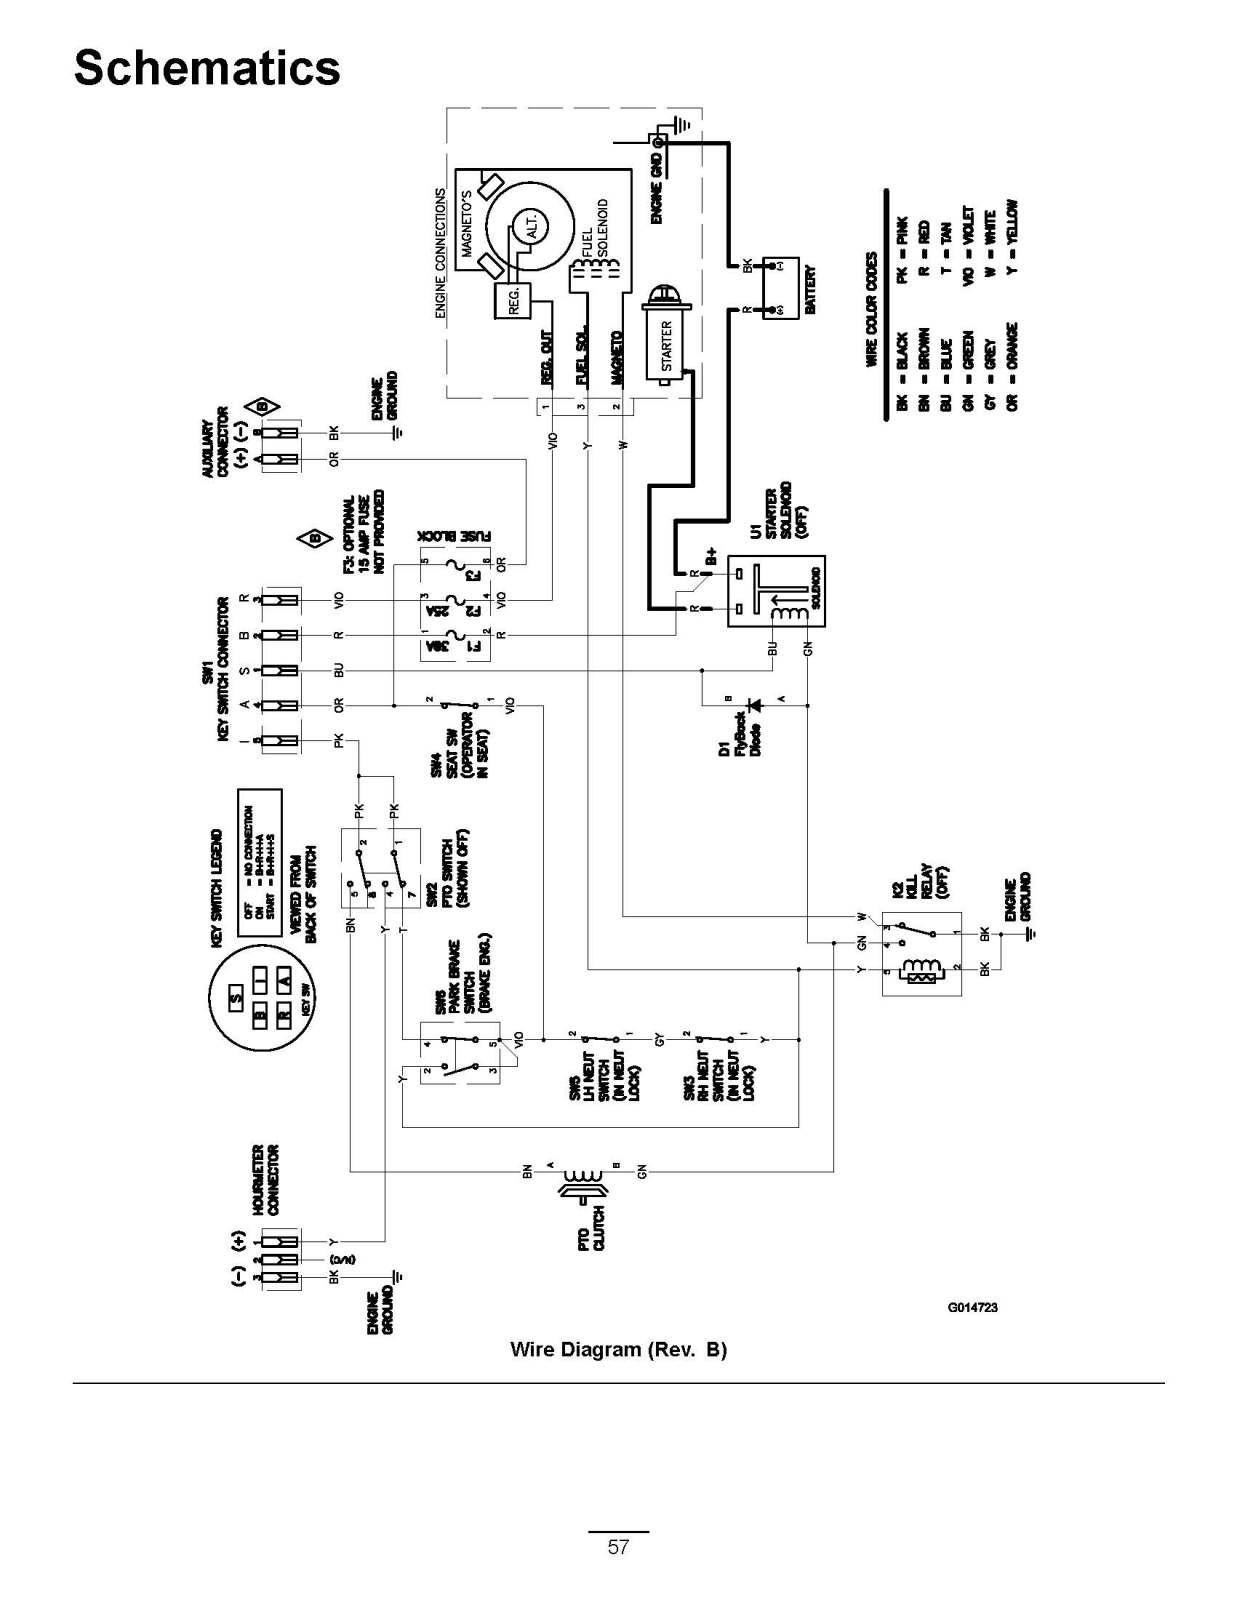 Bobcat Zero Turn Wiring Diagram Just Another Blog 763 Toro Vt4 Satellite Detailed Rh 9 2 Gastspiel Gerhartz De